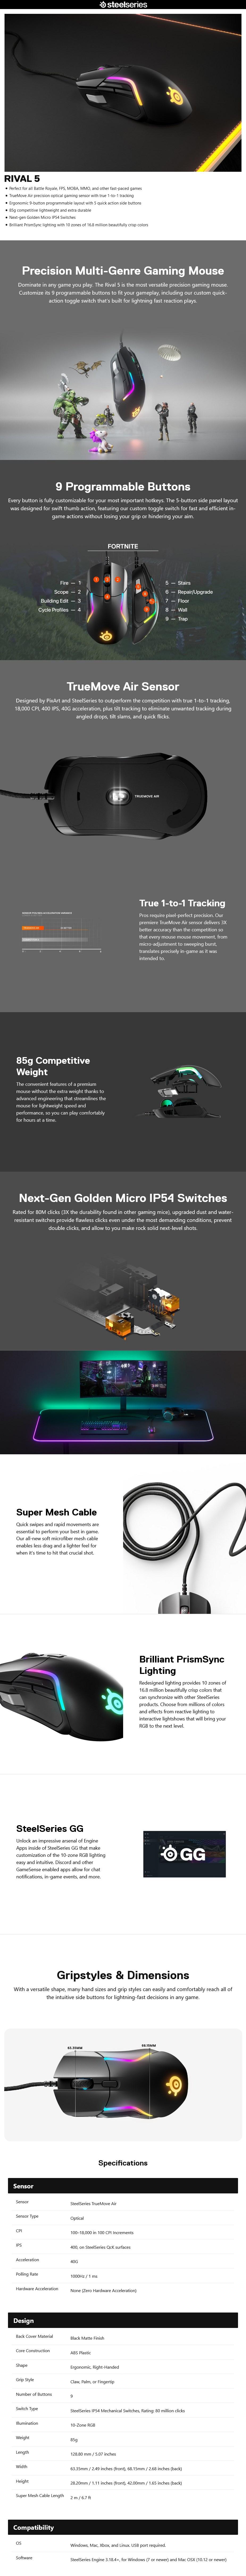 -steel-series-rival-5-versatile-multigenre-gaming-mouse-ac44910-5.jpg